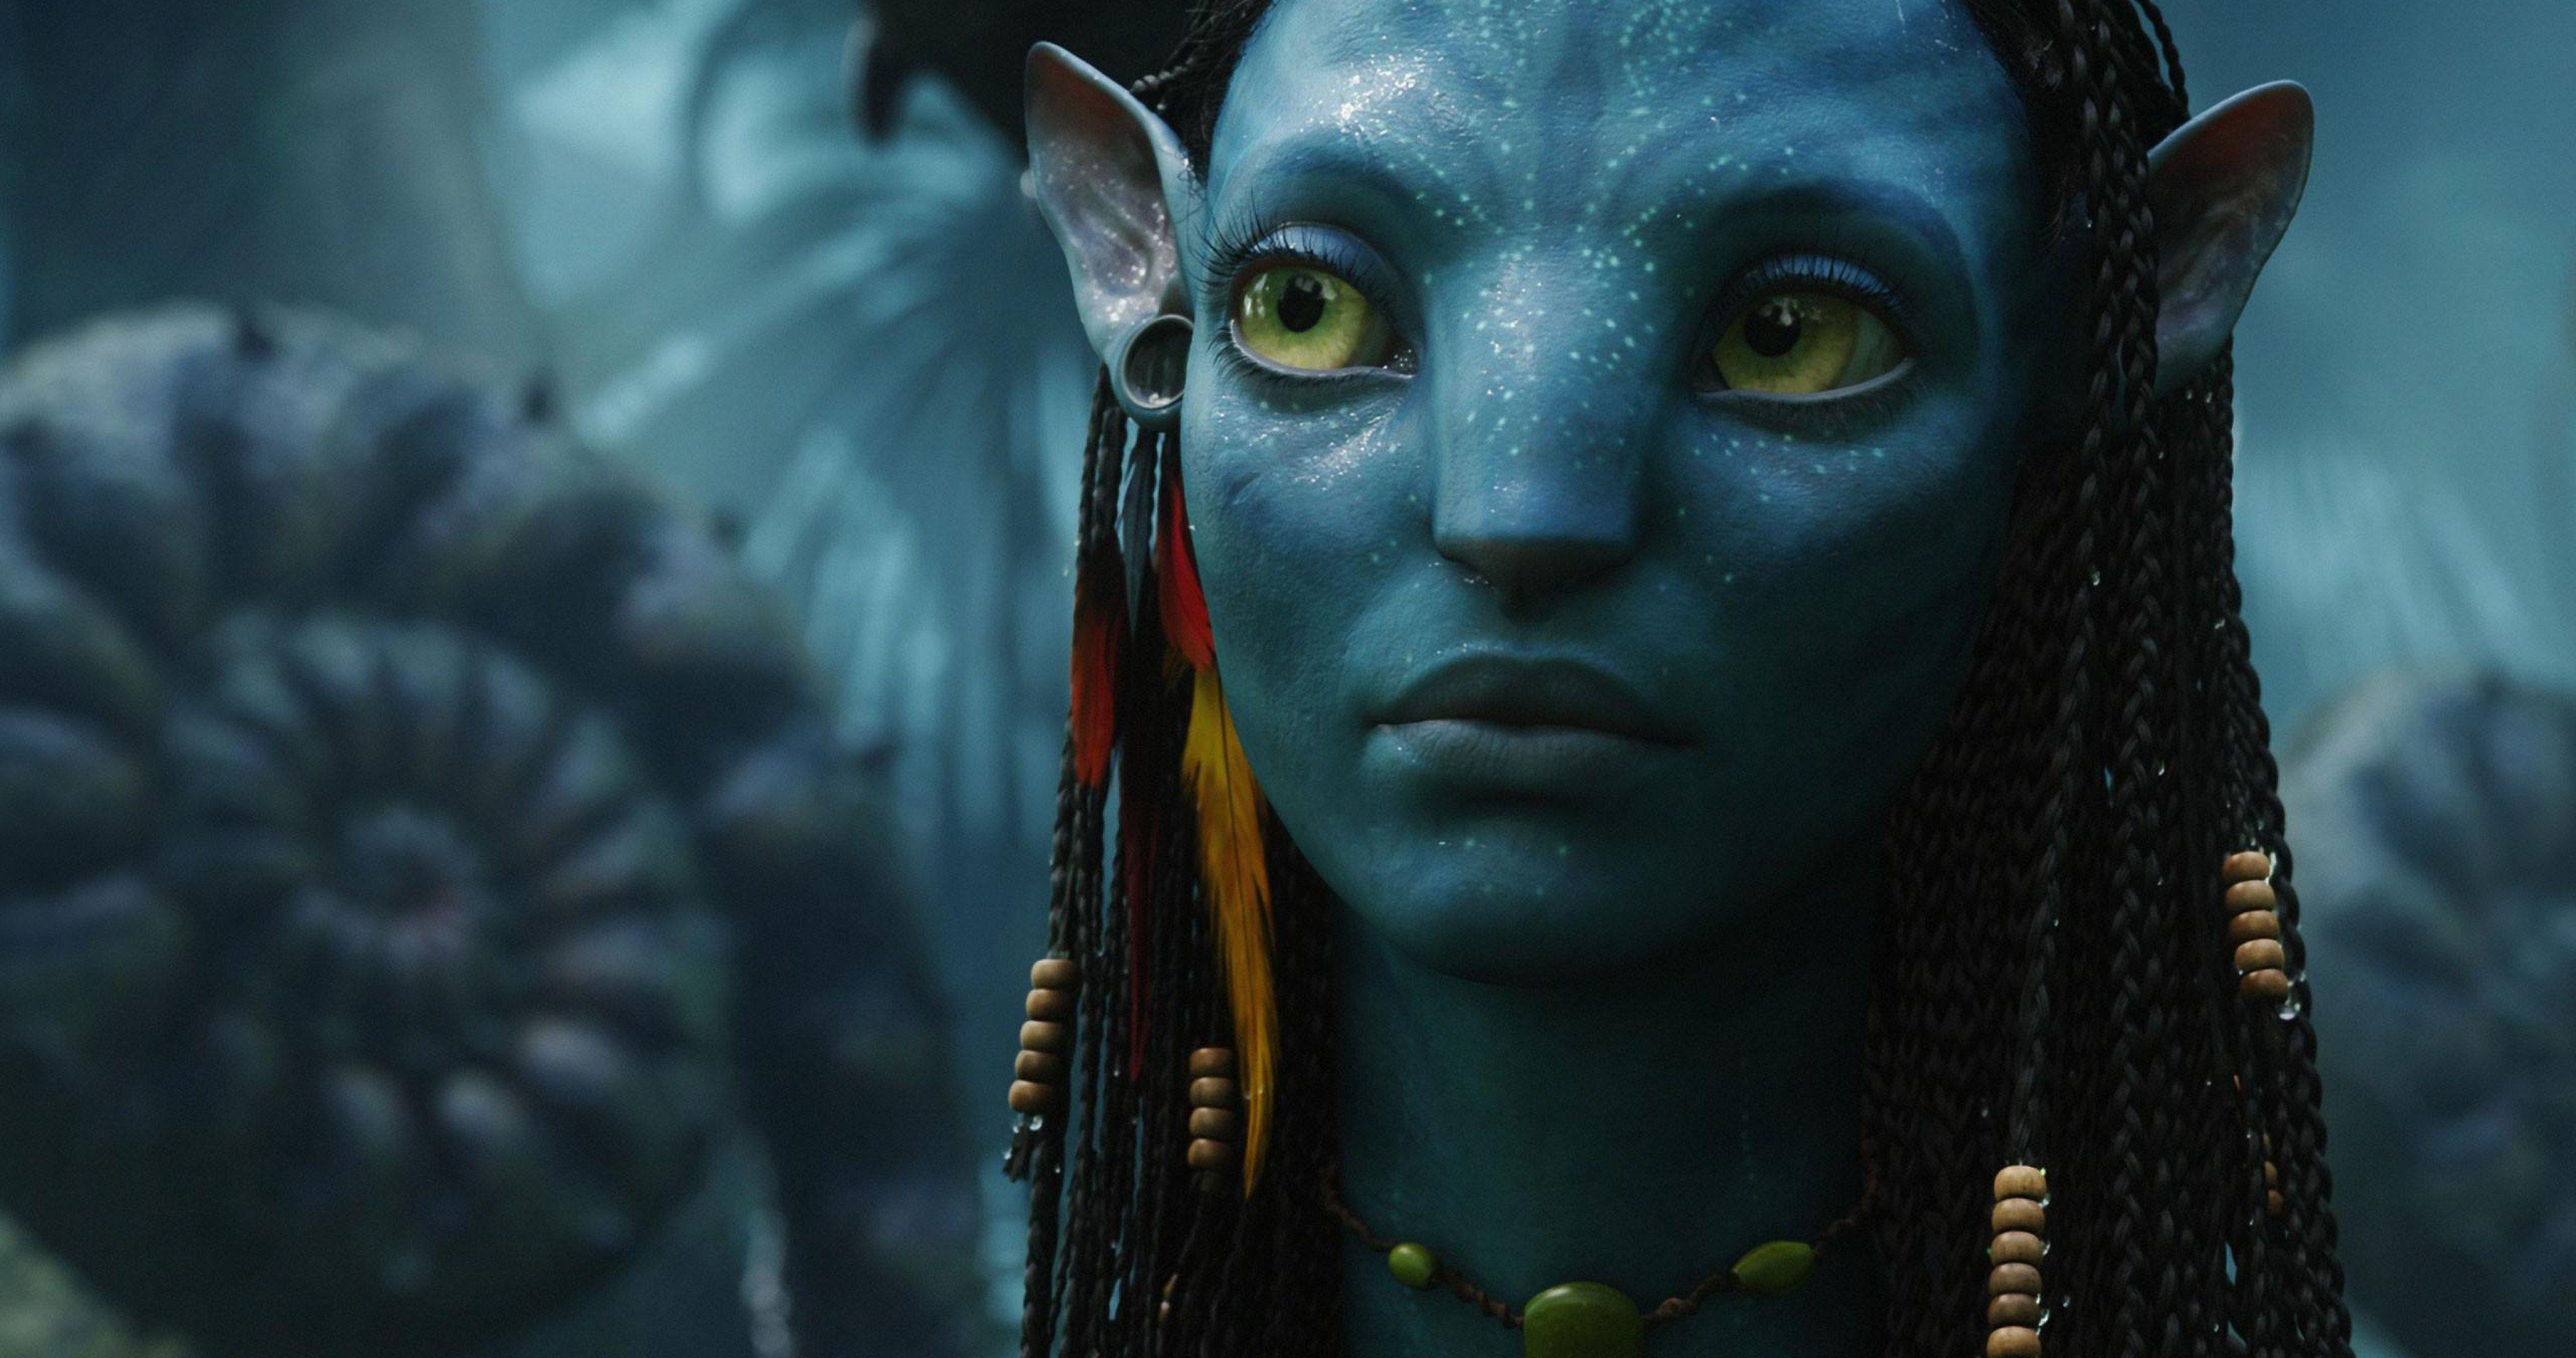 Avatar Movie Neytiri 4k Ultra Hd Wallpaper Avatar Movie Zoe Saldana Avatar Avatar